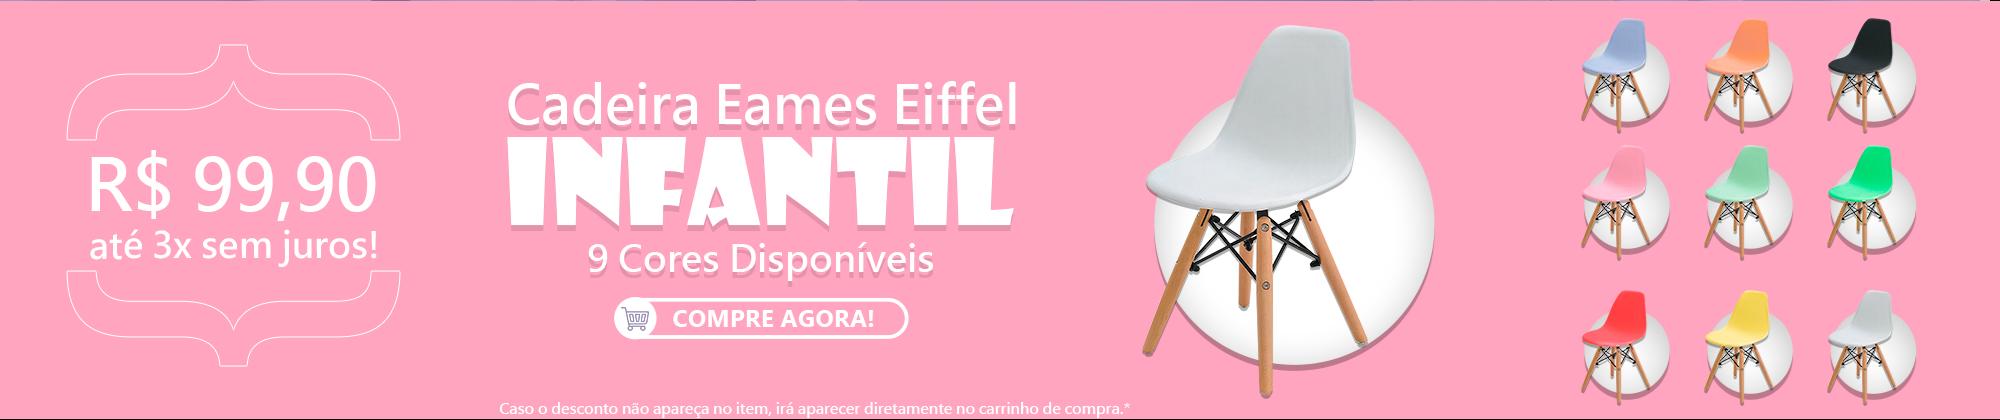 Cadeira Eames Eiffel Infantil com Base de Madeira